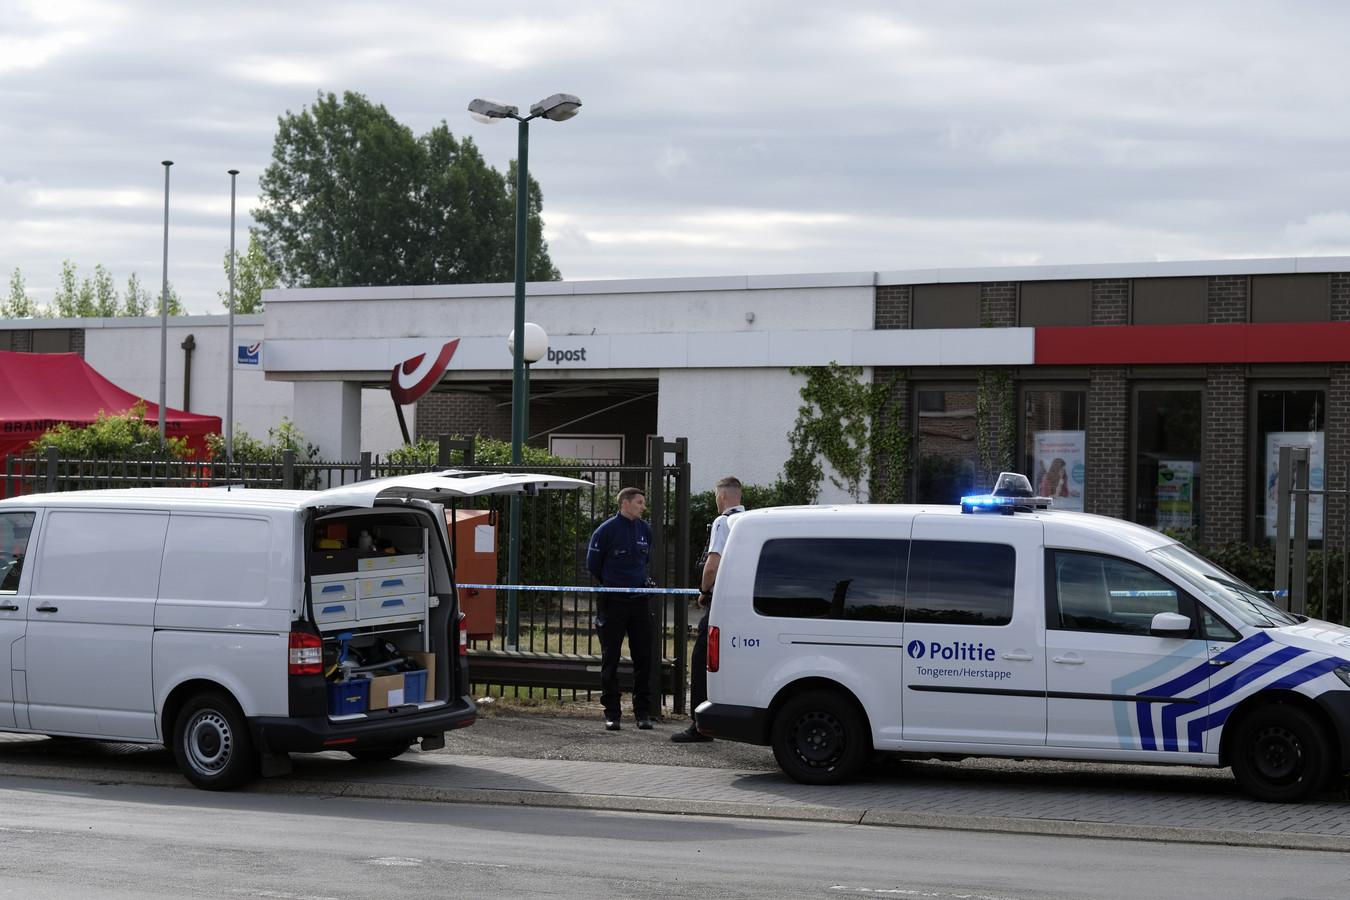 De plofkraak op het bpost-kantoor in Tongeren vond plaats in de nacht van 28 op 29 juni 2020. BELGA PHOTO ERIC LALMAND